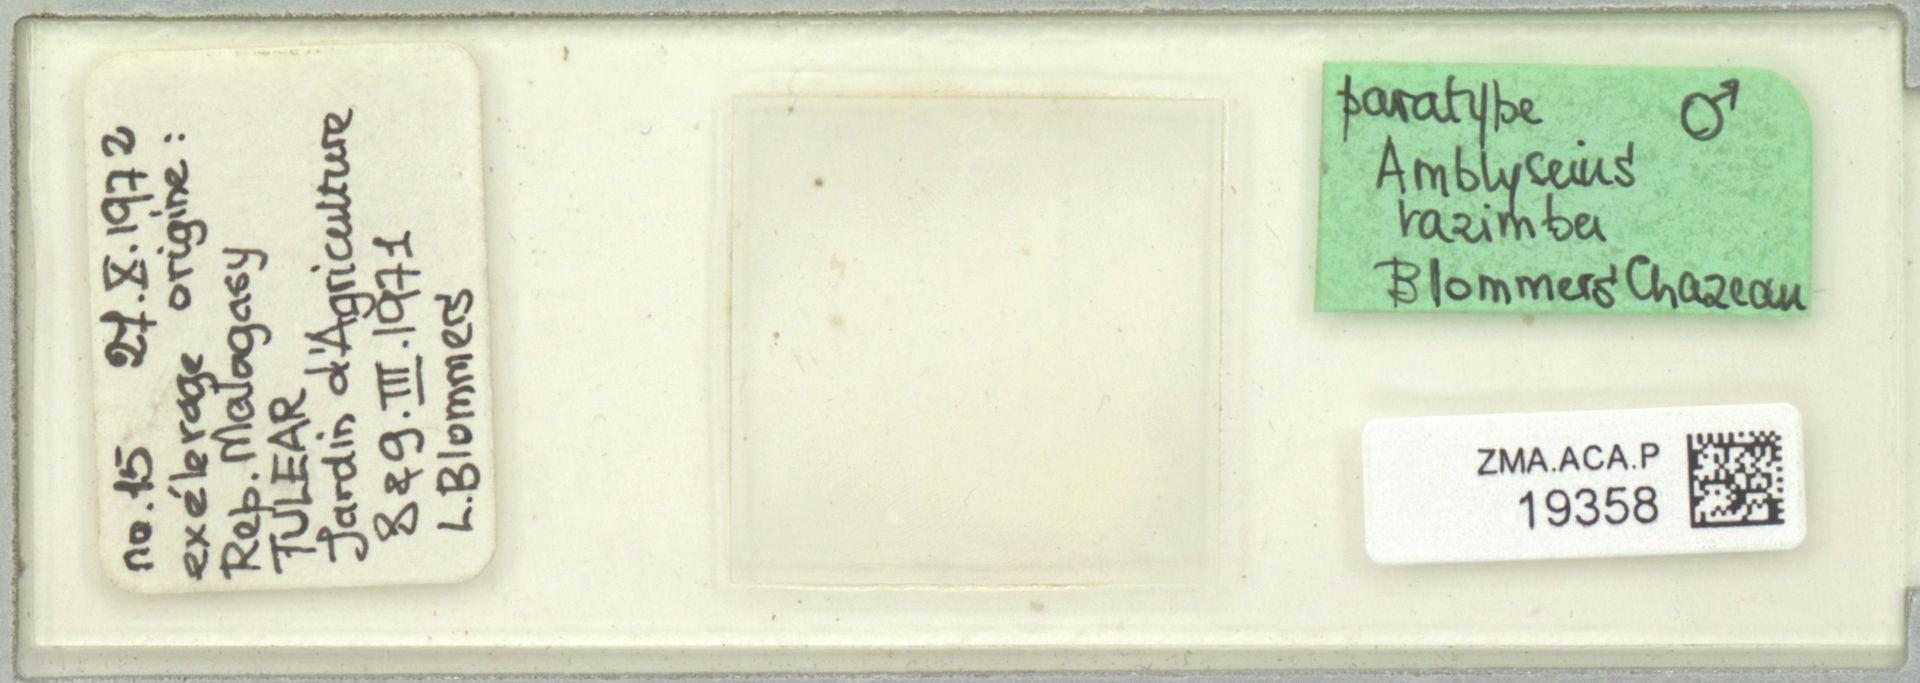 ZMA.ACA.P.19358   Amblyseius razimba Blommers & Chazeau